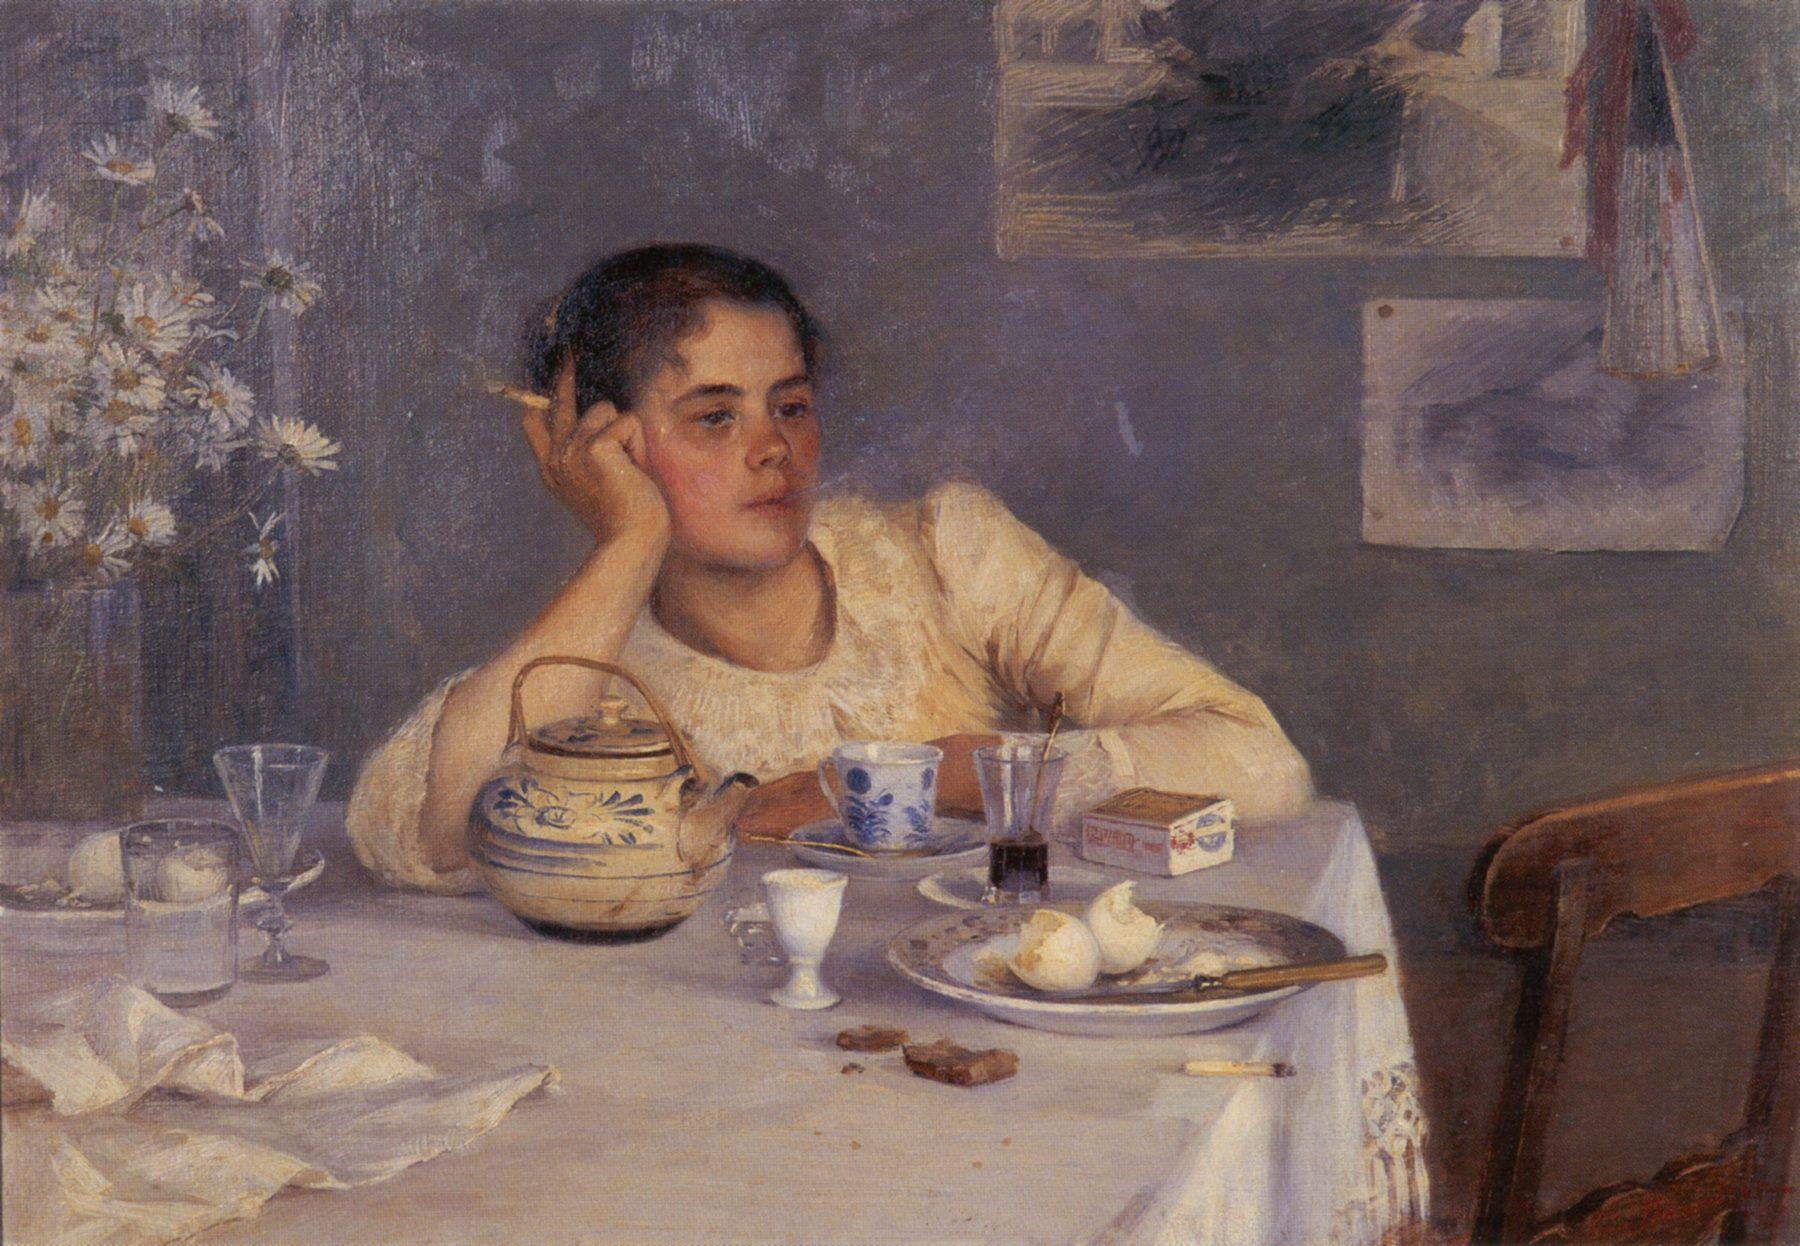 elin kleopatra danielson-gambogi (1861-1919) - aamiaisen jälkeen (after breakfast), oil on canvas, 1890.